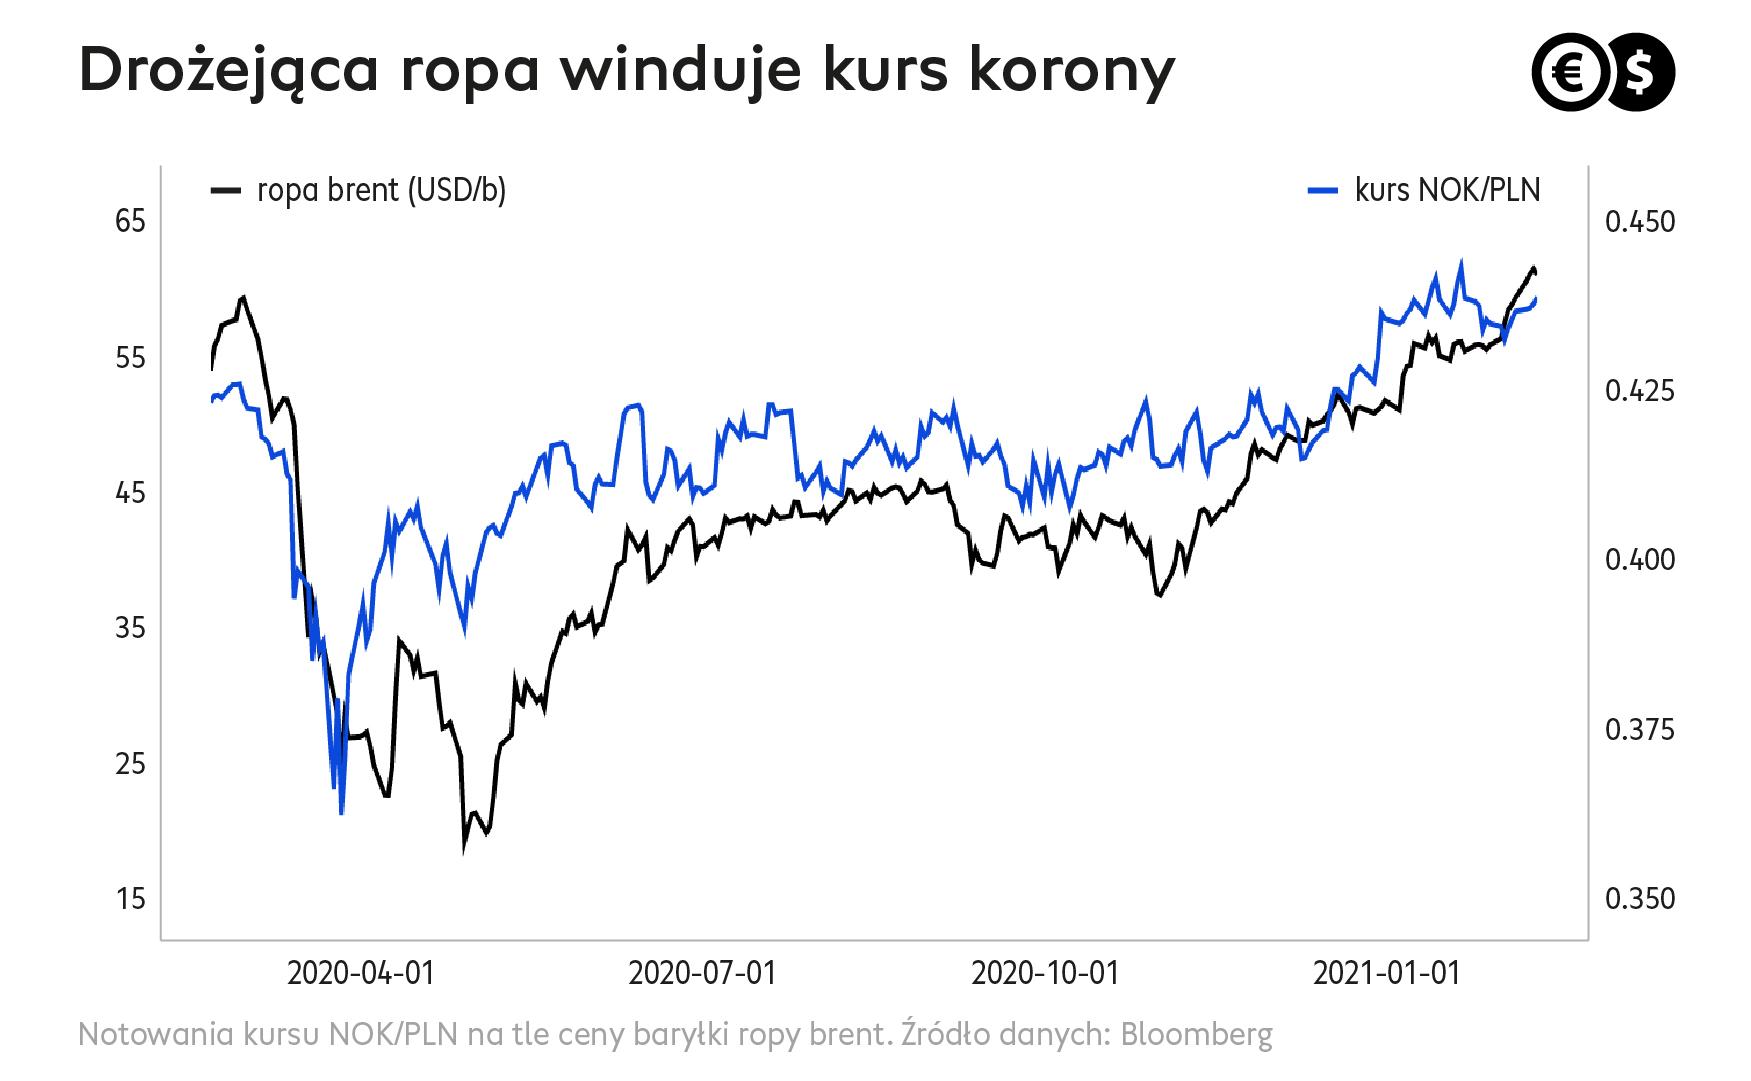 Cinkciarz.pl_drożejąca ropa winduje kurs korony